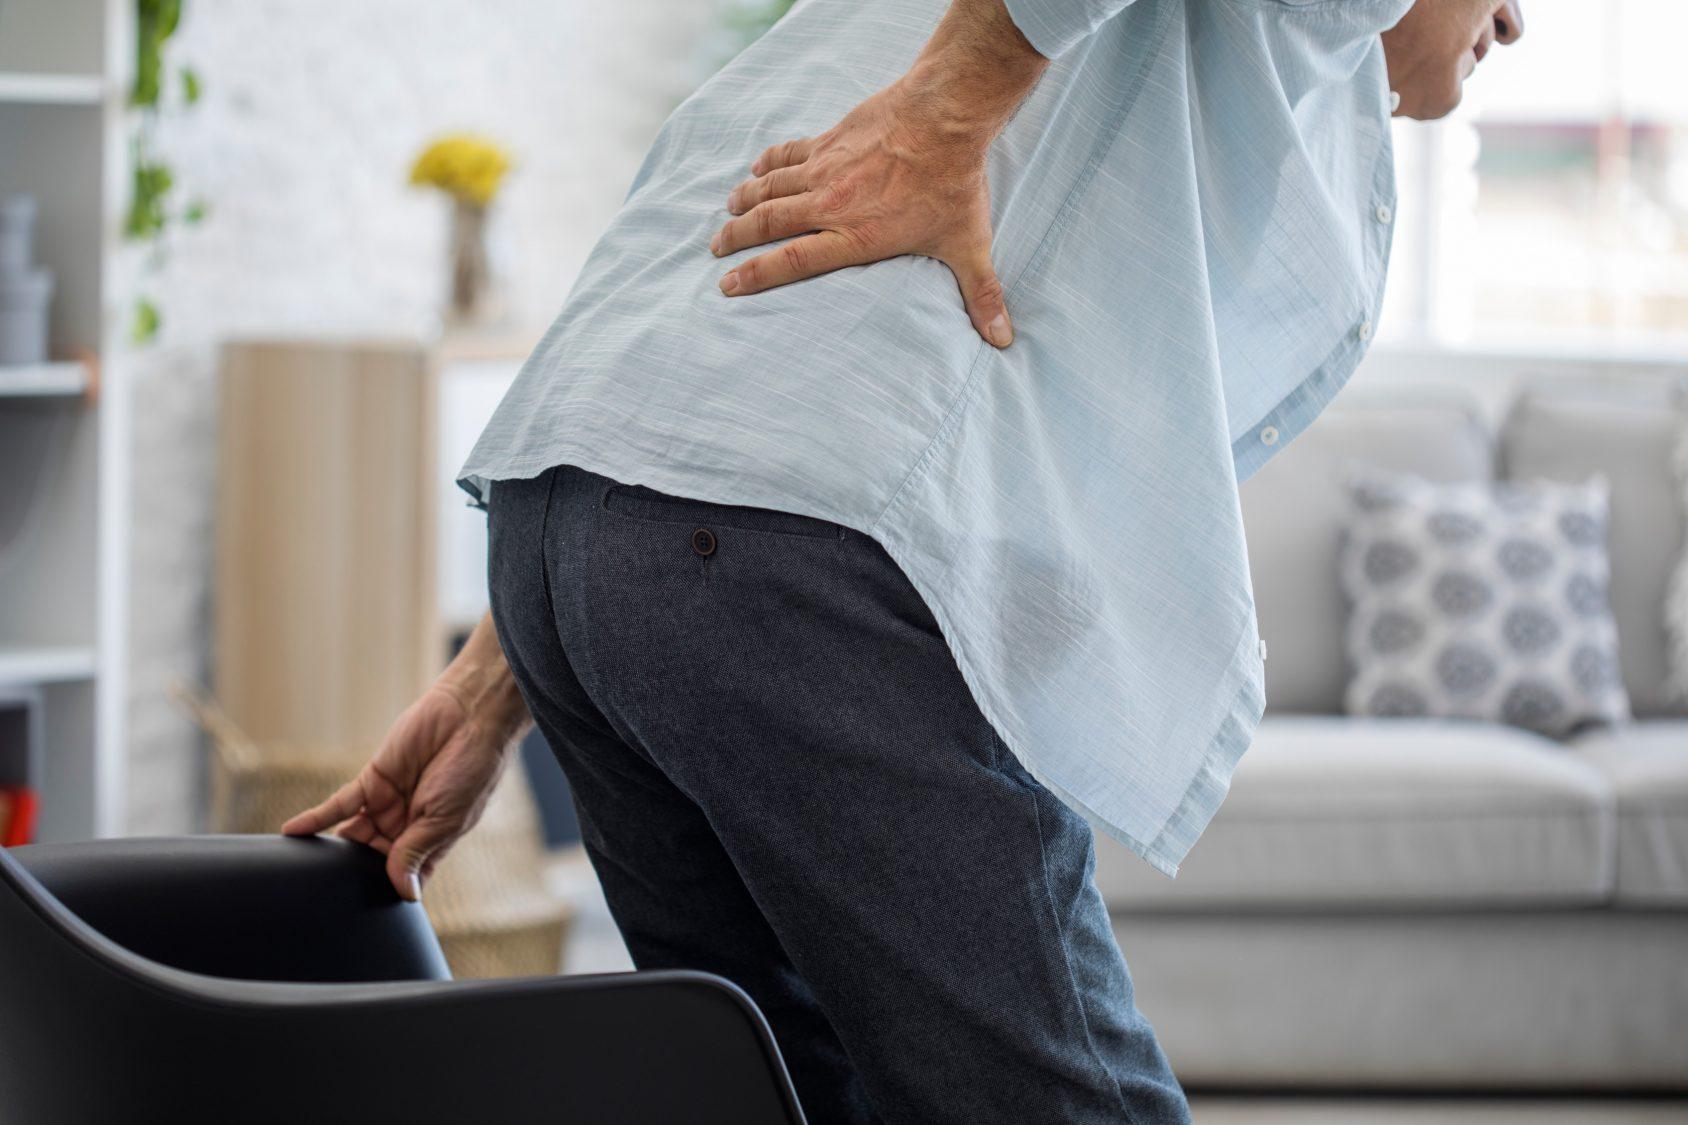 Schmerzen im unteren Rücken: Ursachen, Behandlung und